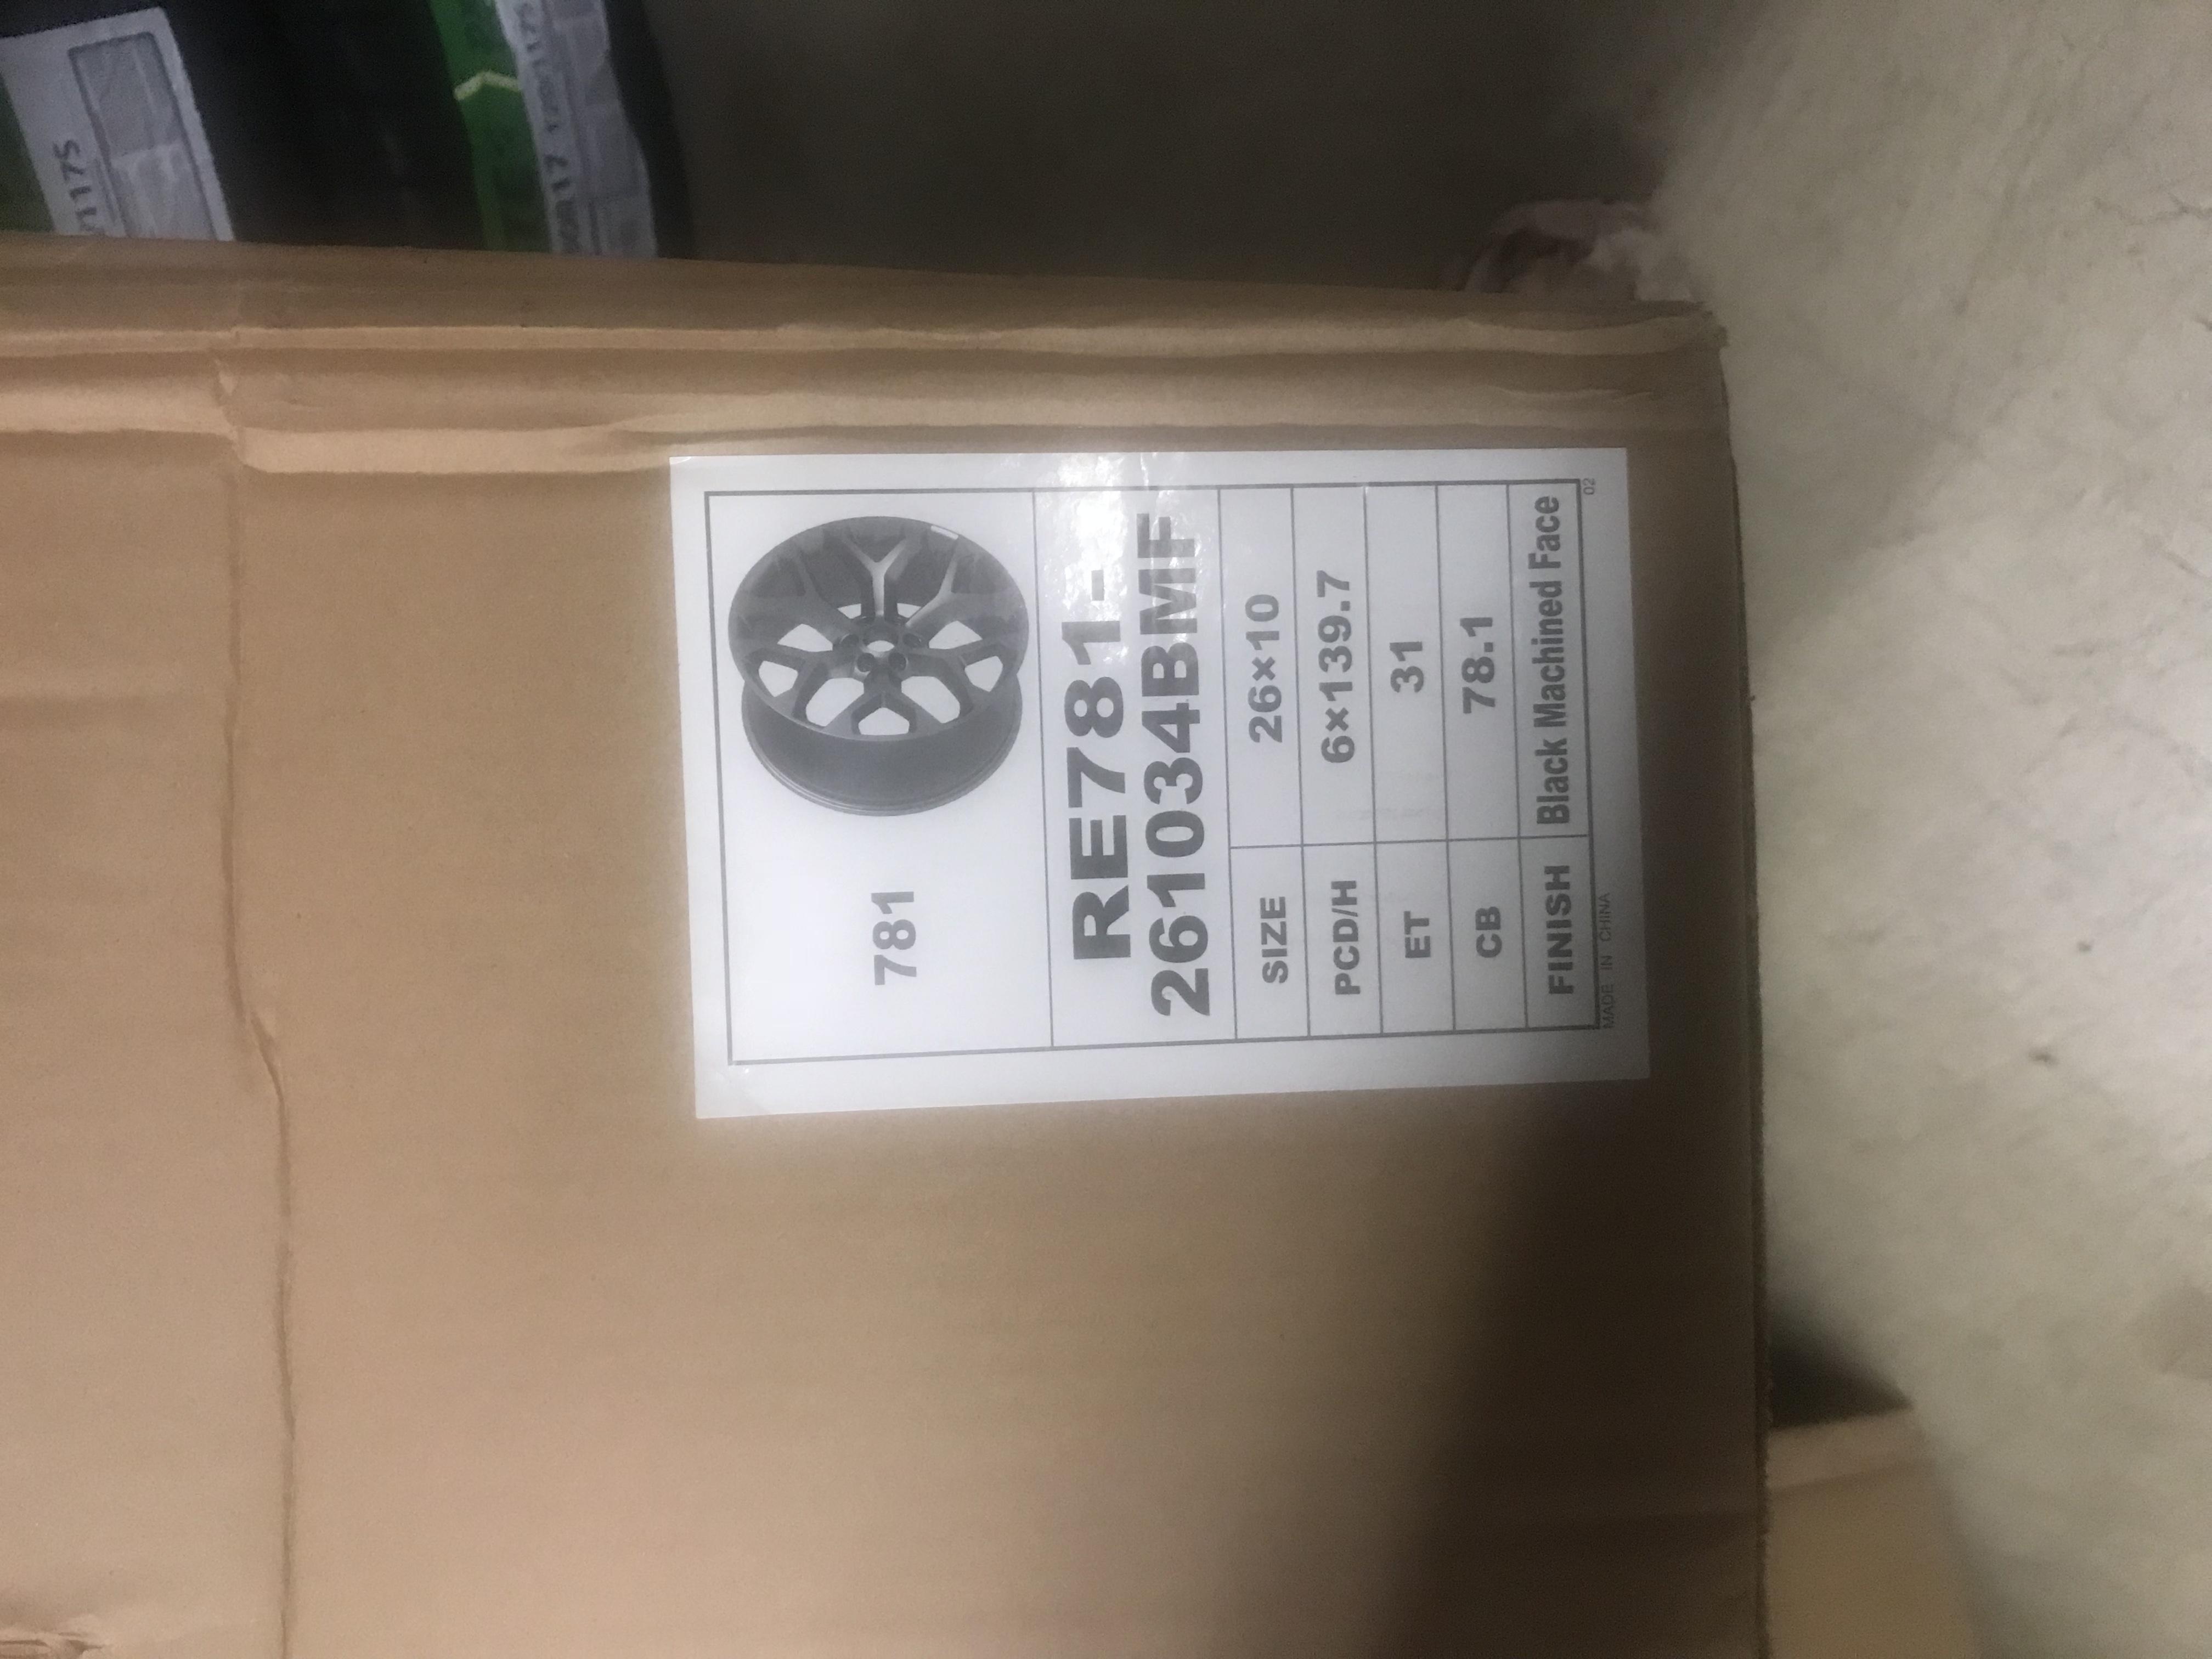 EF298175-FB1E-4E40-B545-5D430BB54AC7